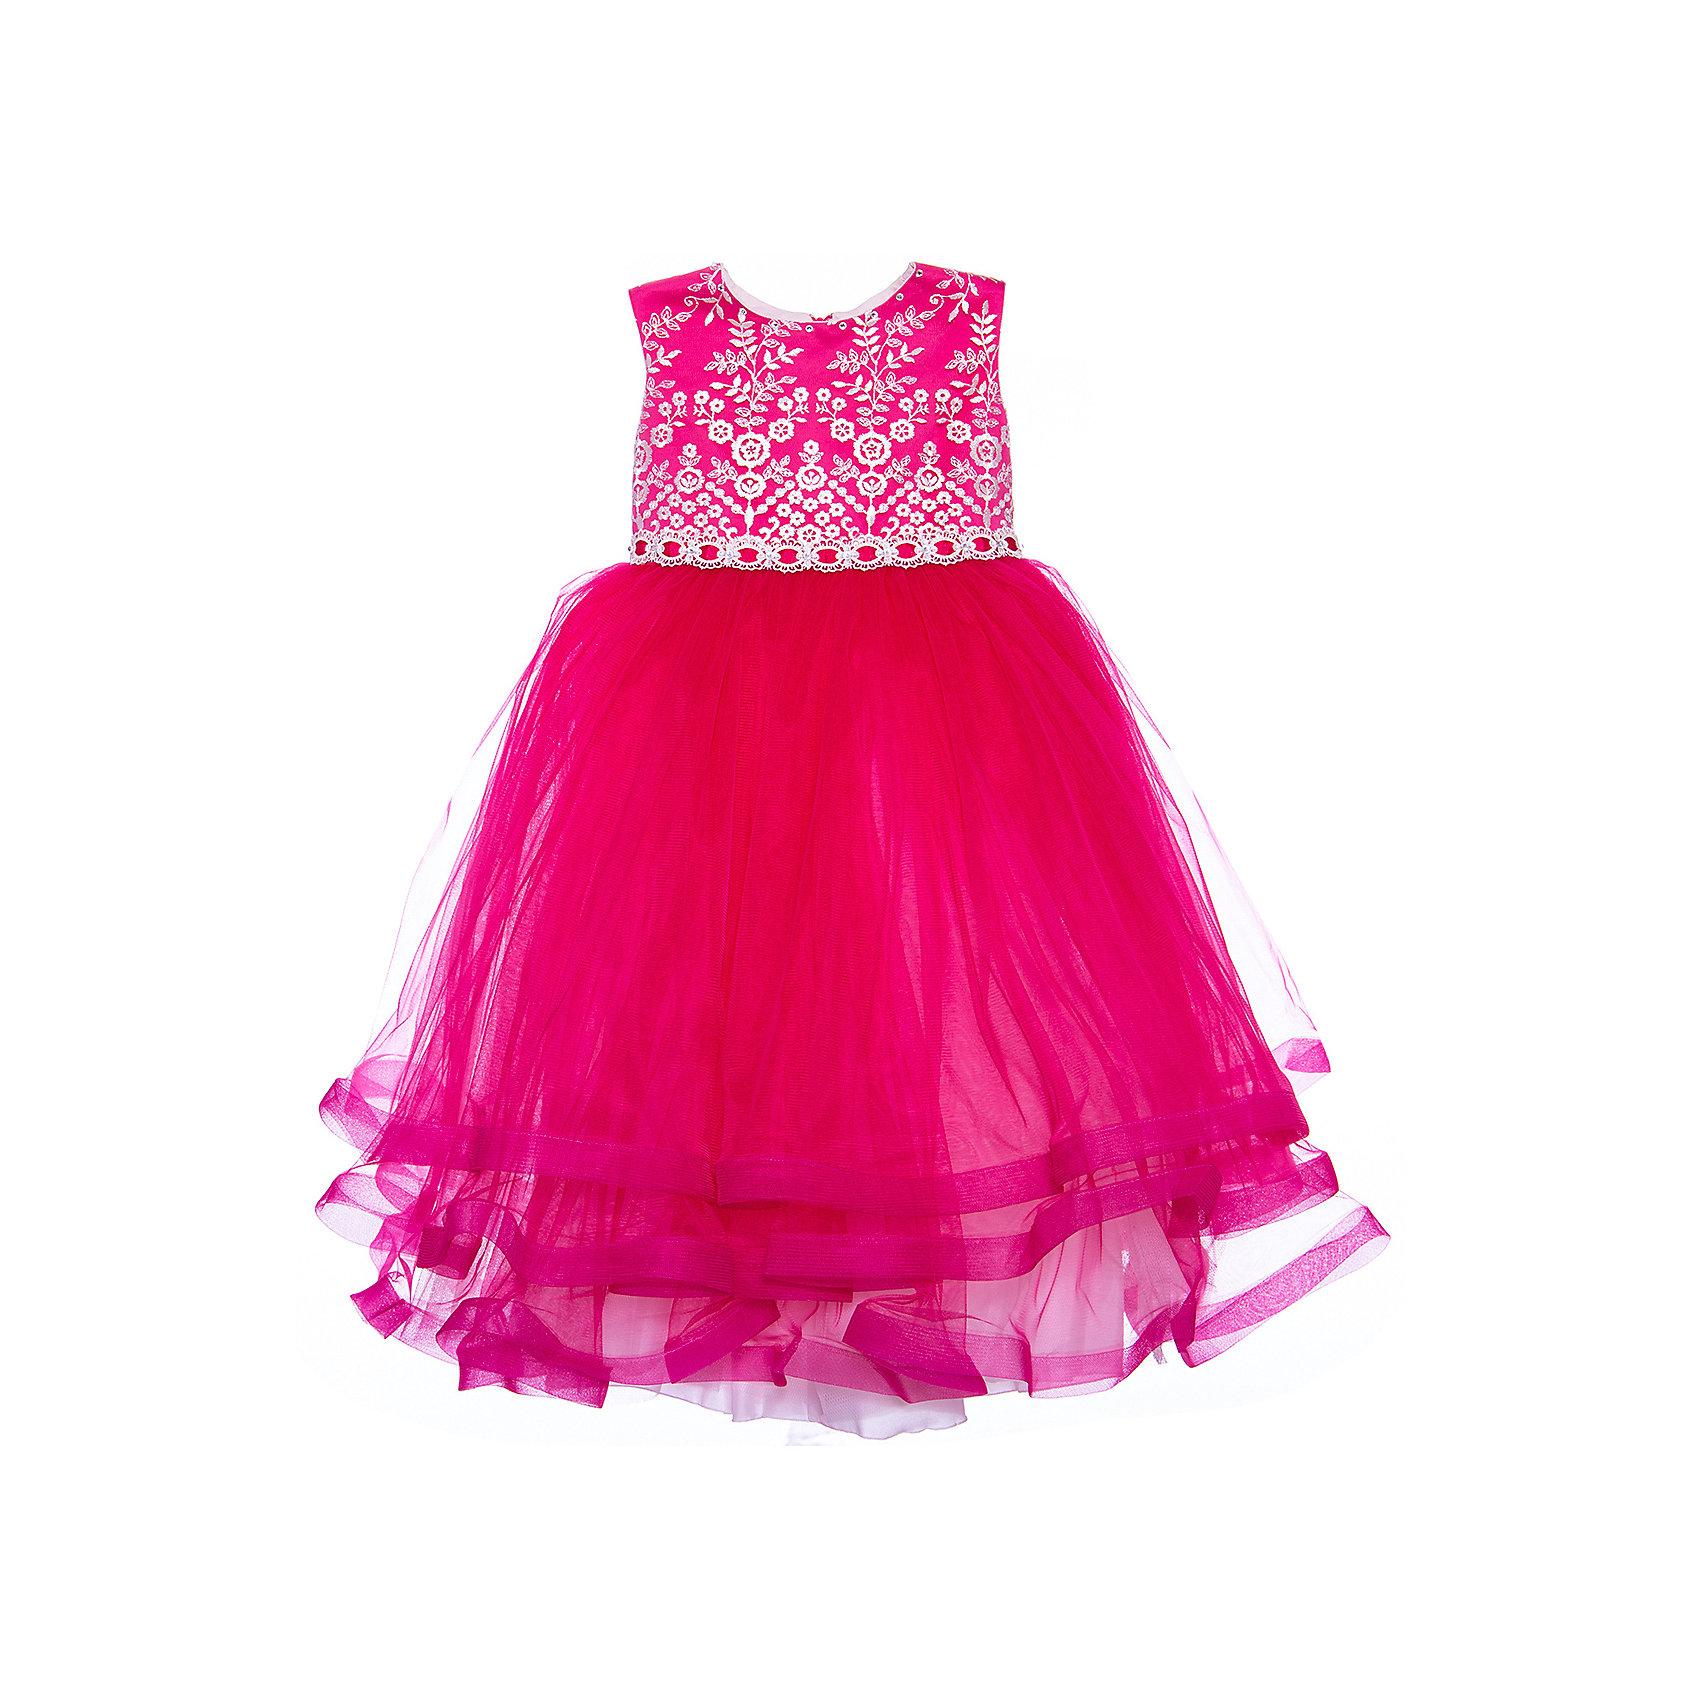 Платье нарядное для девочки ПрестижХарактеристики:<br><br>• Вид детской и подростковой одежды: платье<br>• Предназначение: праздничная<br>• Коллекция: Veronikaiko<br>• Сезон: круглый год<br>• Тематика рисунка: цветы<br>• Цвет: персиковый<br>• Материал: 100% полиэстер<br>• Силуэт: А-силуэт, пышный<br>• Юбка: солнце<br>• Рукав: без рукава<br>• Вырез горловины: круглый<br>• Длина платья: миди, кан-кан<br>• Застежка: молния на спинке<br>• Особенности ухода: ручная стирка при температуре не более 30 градусов<br><br>Платье нарядное для девочки Престиж от отечественного производителя праздничной одежды и аксессуаров как для взрослых, так и для детей. Изделие выполнено из 100% полиэстера, который обладает легкостью, прочностью, устойчивостью к износу и пятнам. <br><br>Платье отрезное по талии, имеет классический А-силуэт. Круглая горловина декорирована бусинами и стразами. Платье выполнено в нежном дизайне: верх платья оформлен вышитыми букетиками белых цветов и многоярусная фатиновая юбка придают изделию особую воздушность и легкость. <br>Платье нарядное для девочки Престиж – это неповторимый стиль вашей девочки на любом торжестве!<br><br>Платье нарядное для девочки Престиж можно купить в нашем интернет-магазине.<br><br>Ширина мм: 236<br>Глубина мм: 16<br>Высота мм: 184<br>Вес г: 177<br>Цвет: персиковый<br>Возраст от месяцев: 36<br>Возраст до месяцев: 48<br>Пол: Женский<br>Возраст: Детский<br>Размер: 104,116,110<br>SKU: 5387692